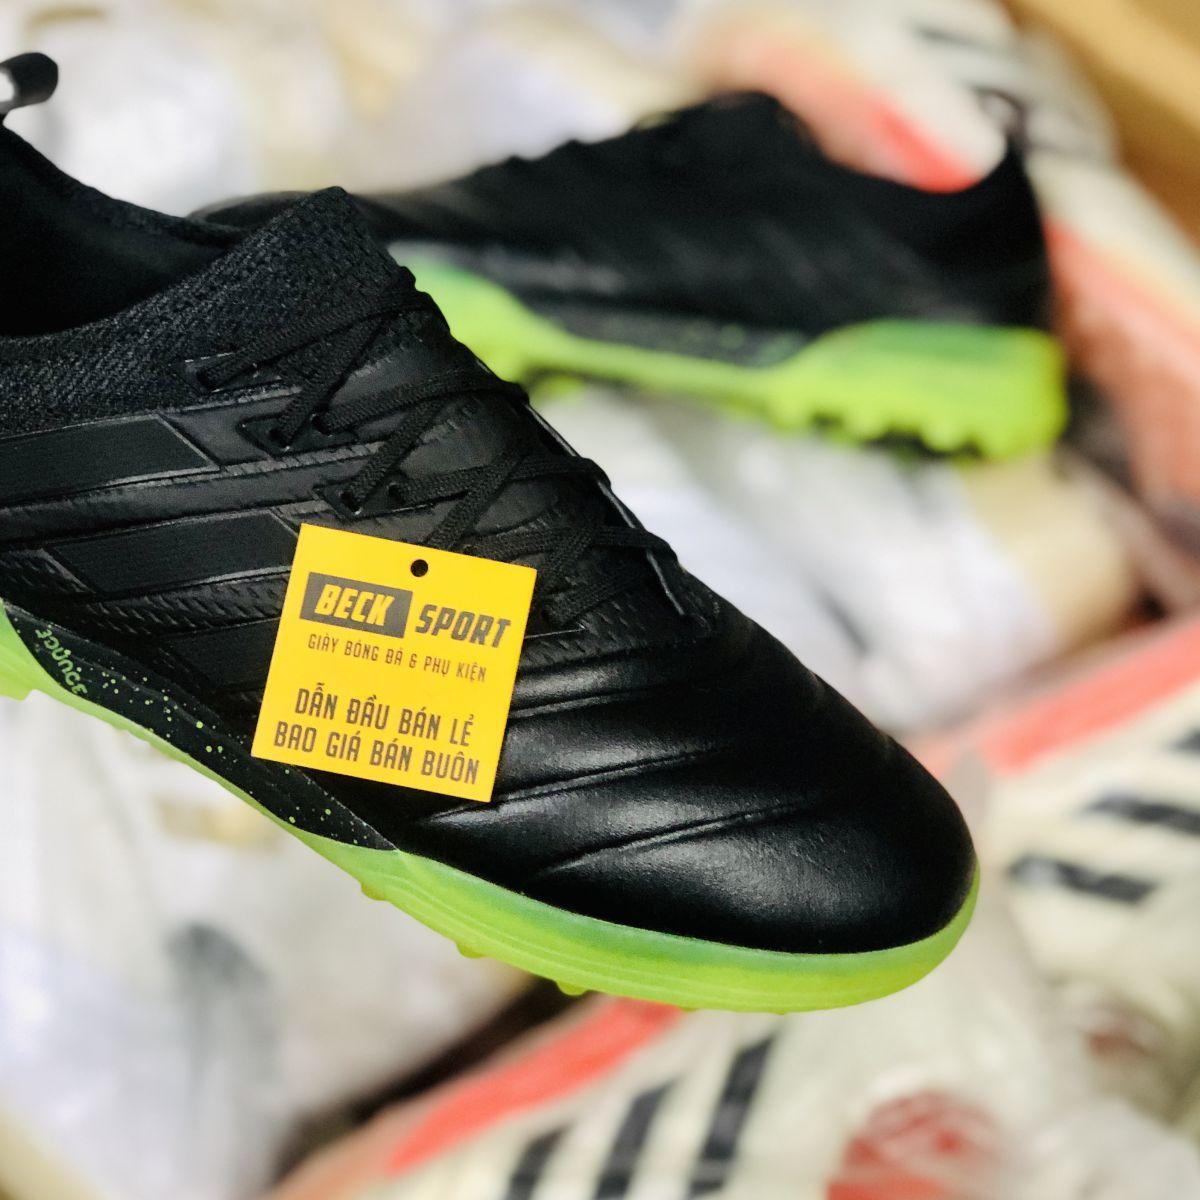 Giày Bóng Đá Adidas Copa 19.1 Đen Tuyền Đế Xanh Lá Da Thật TF